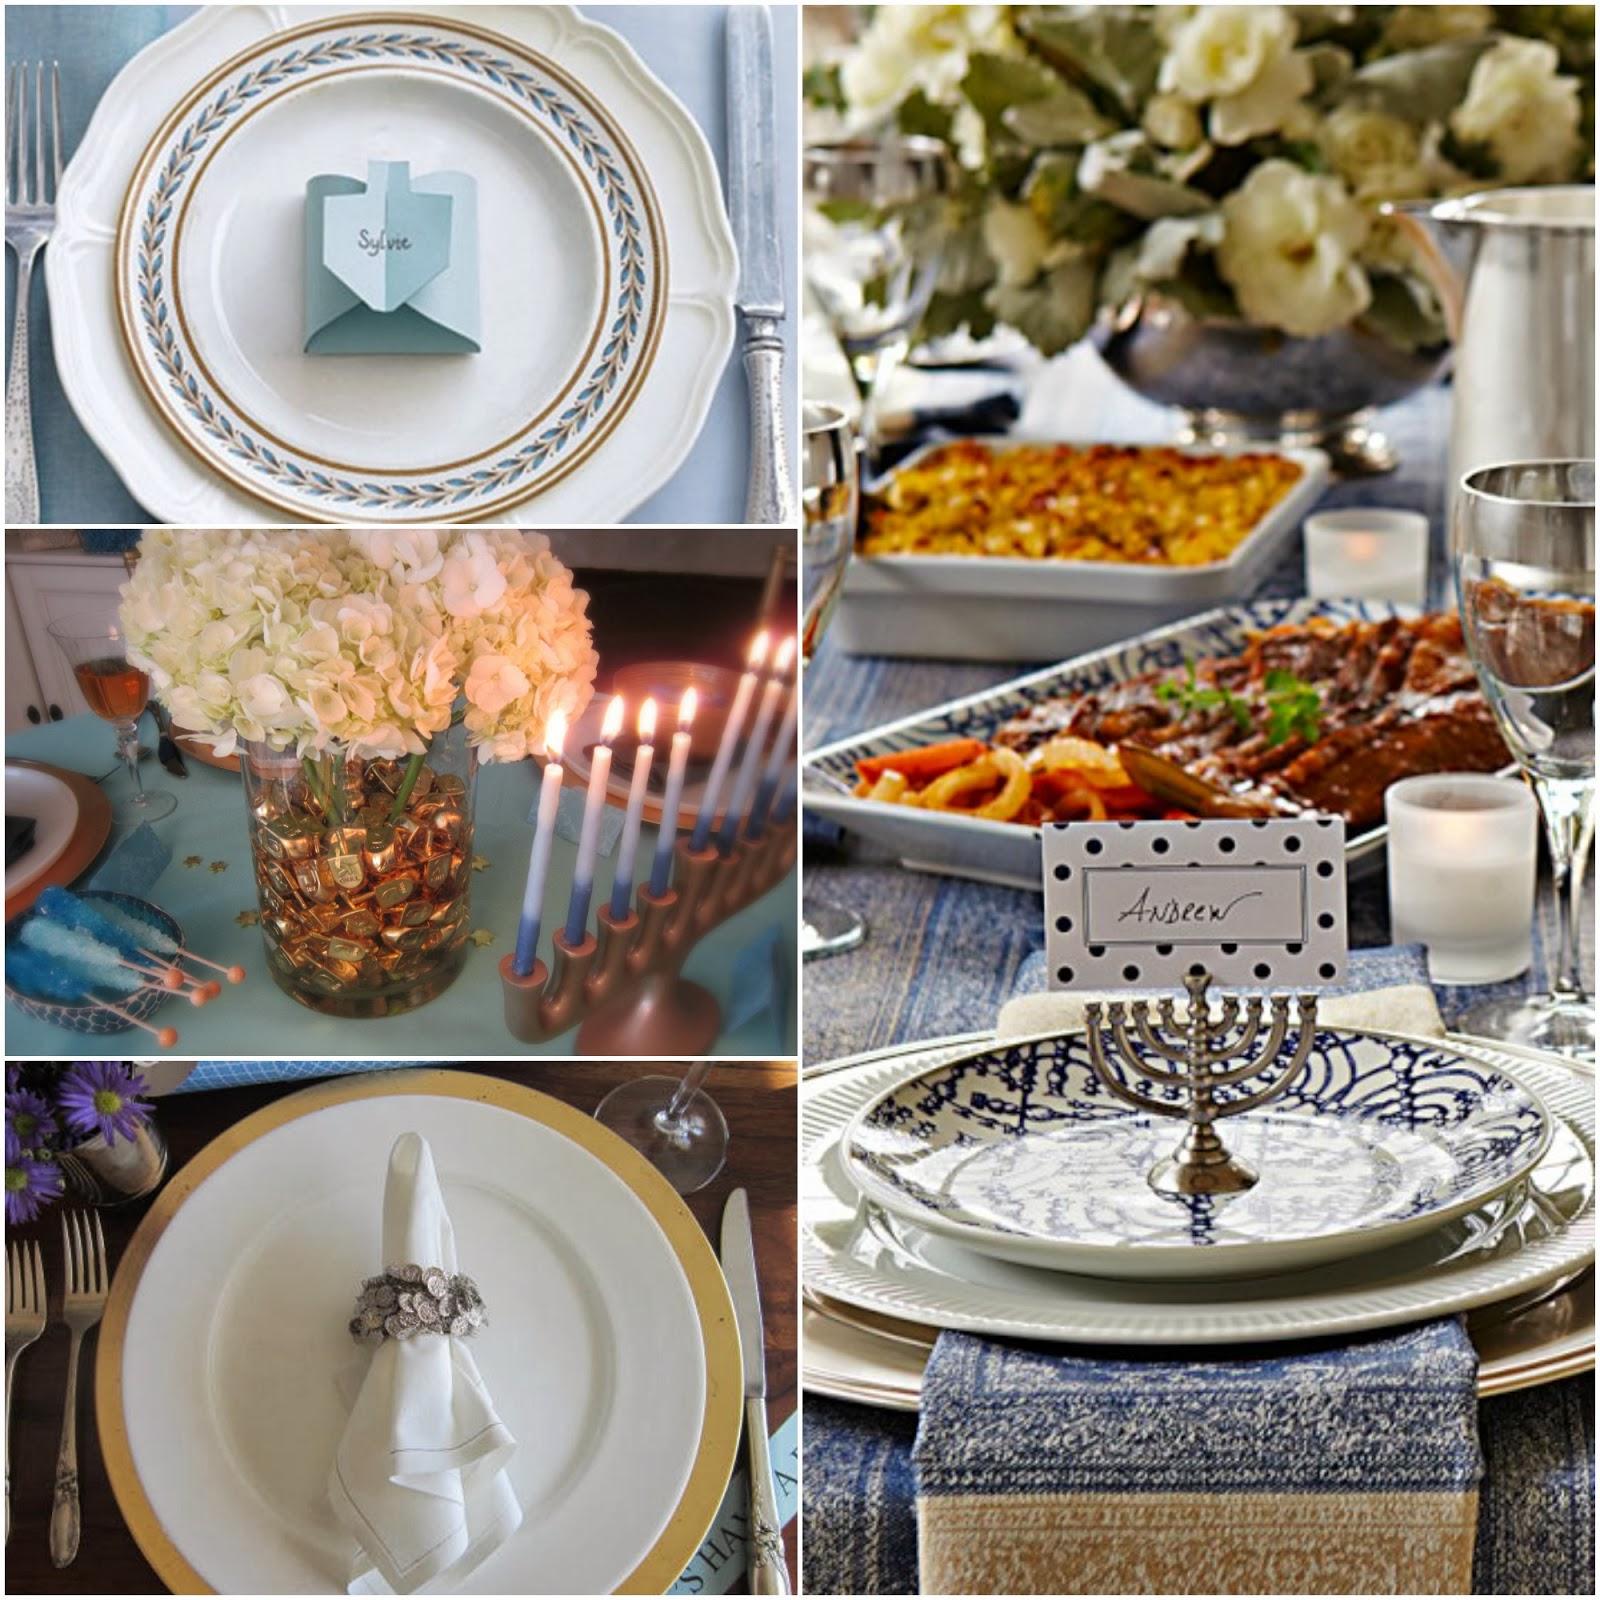 Design Megillah 12 Beautiful Chanukah Table Settings